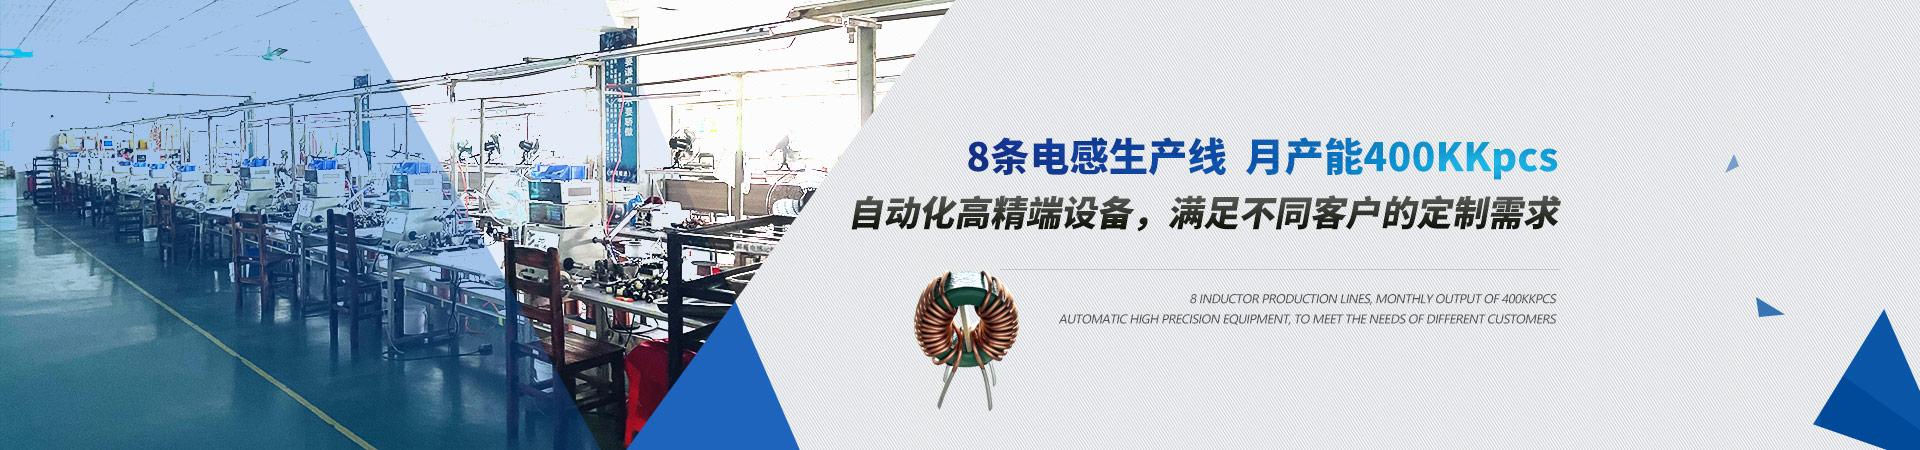 美登电子:8条电感生产线月产能400KKpcs